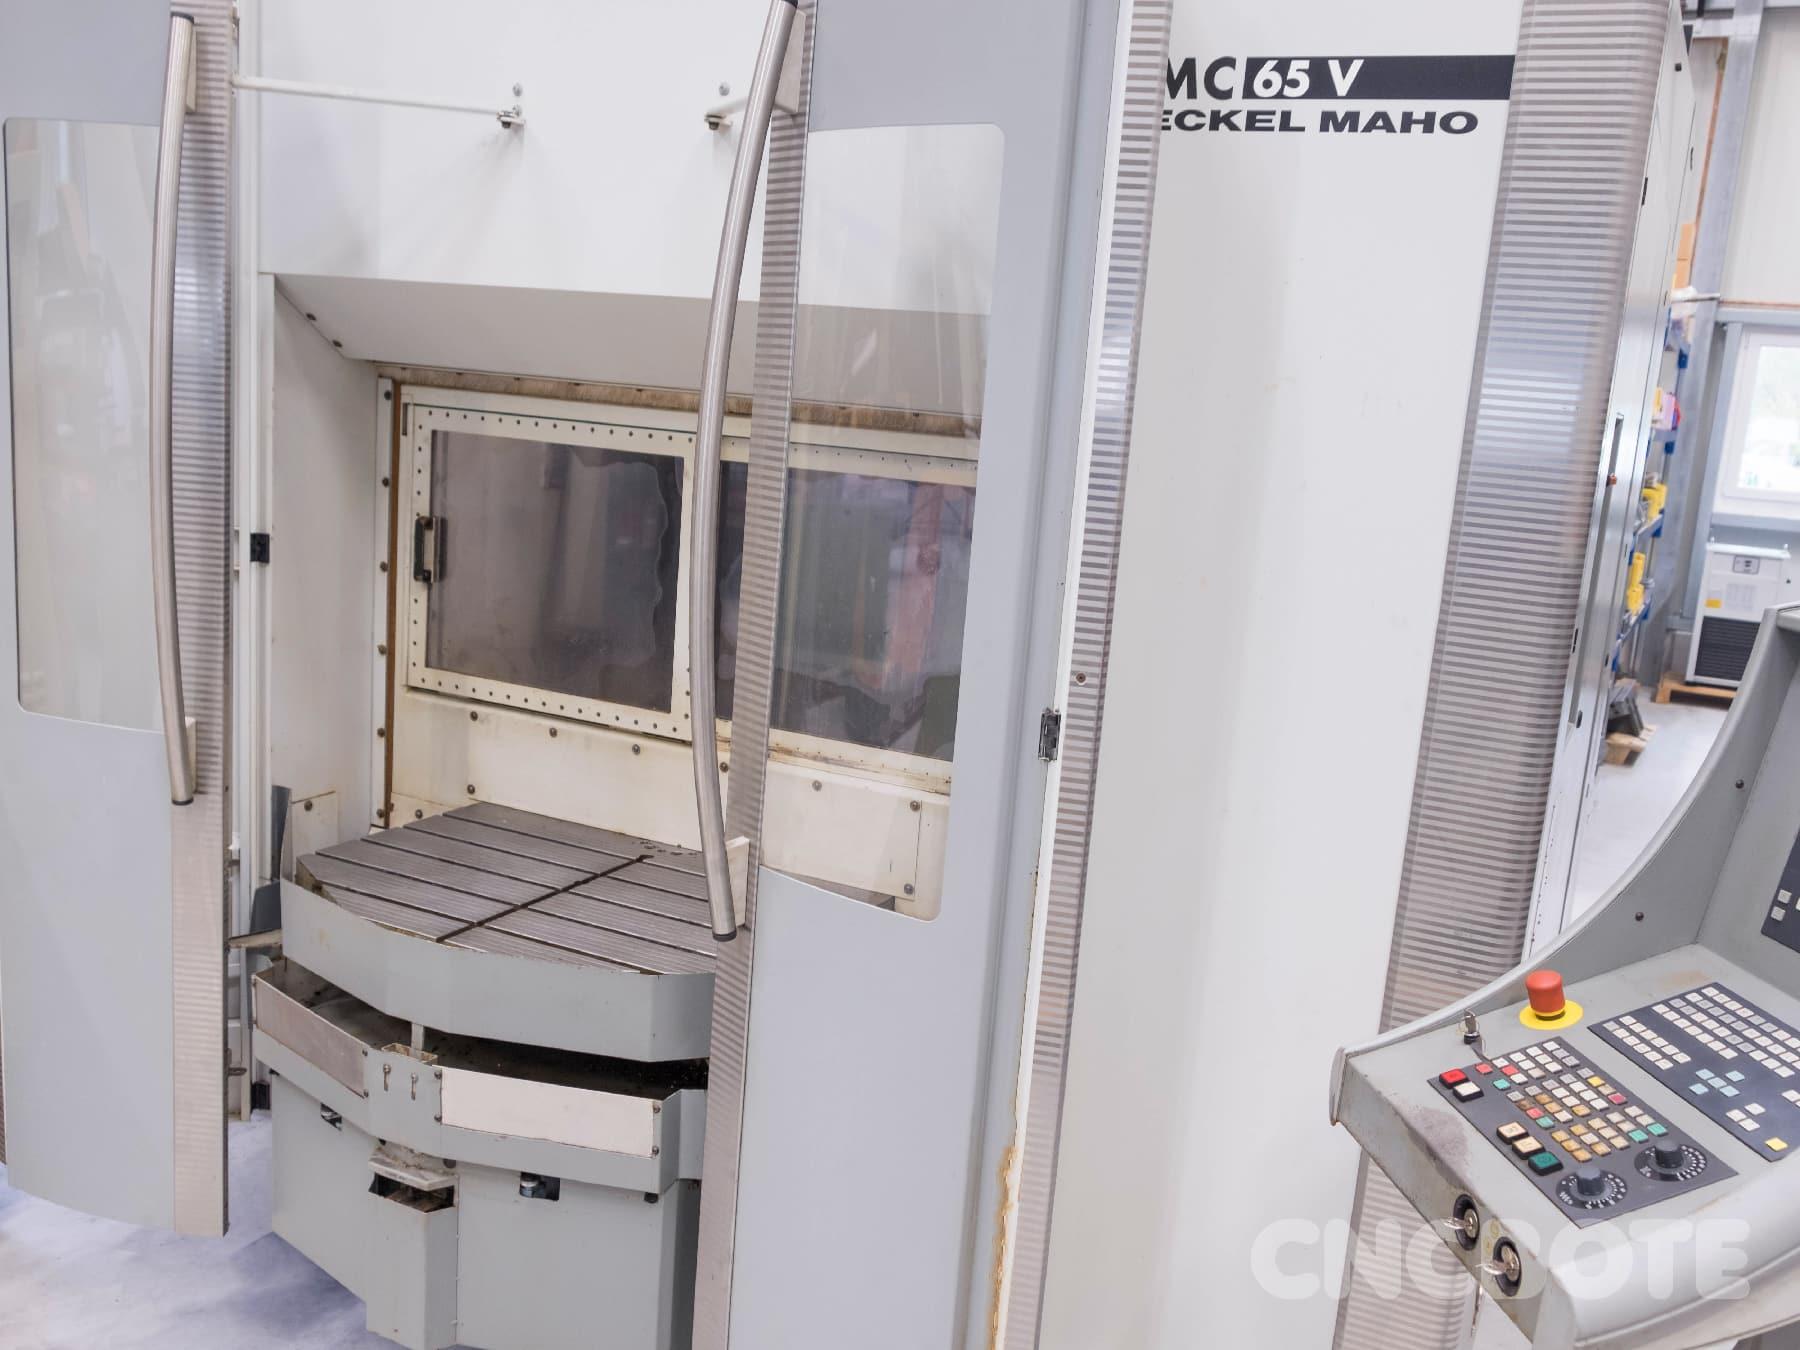 Dmg deckel maho dmc 65v cnc machining center cnc bote for Dmg deckel maho